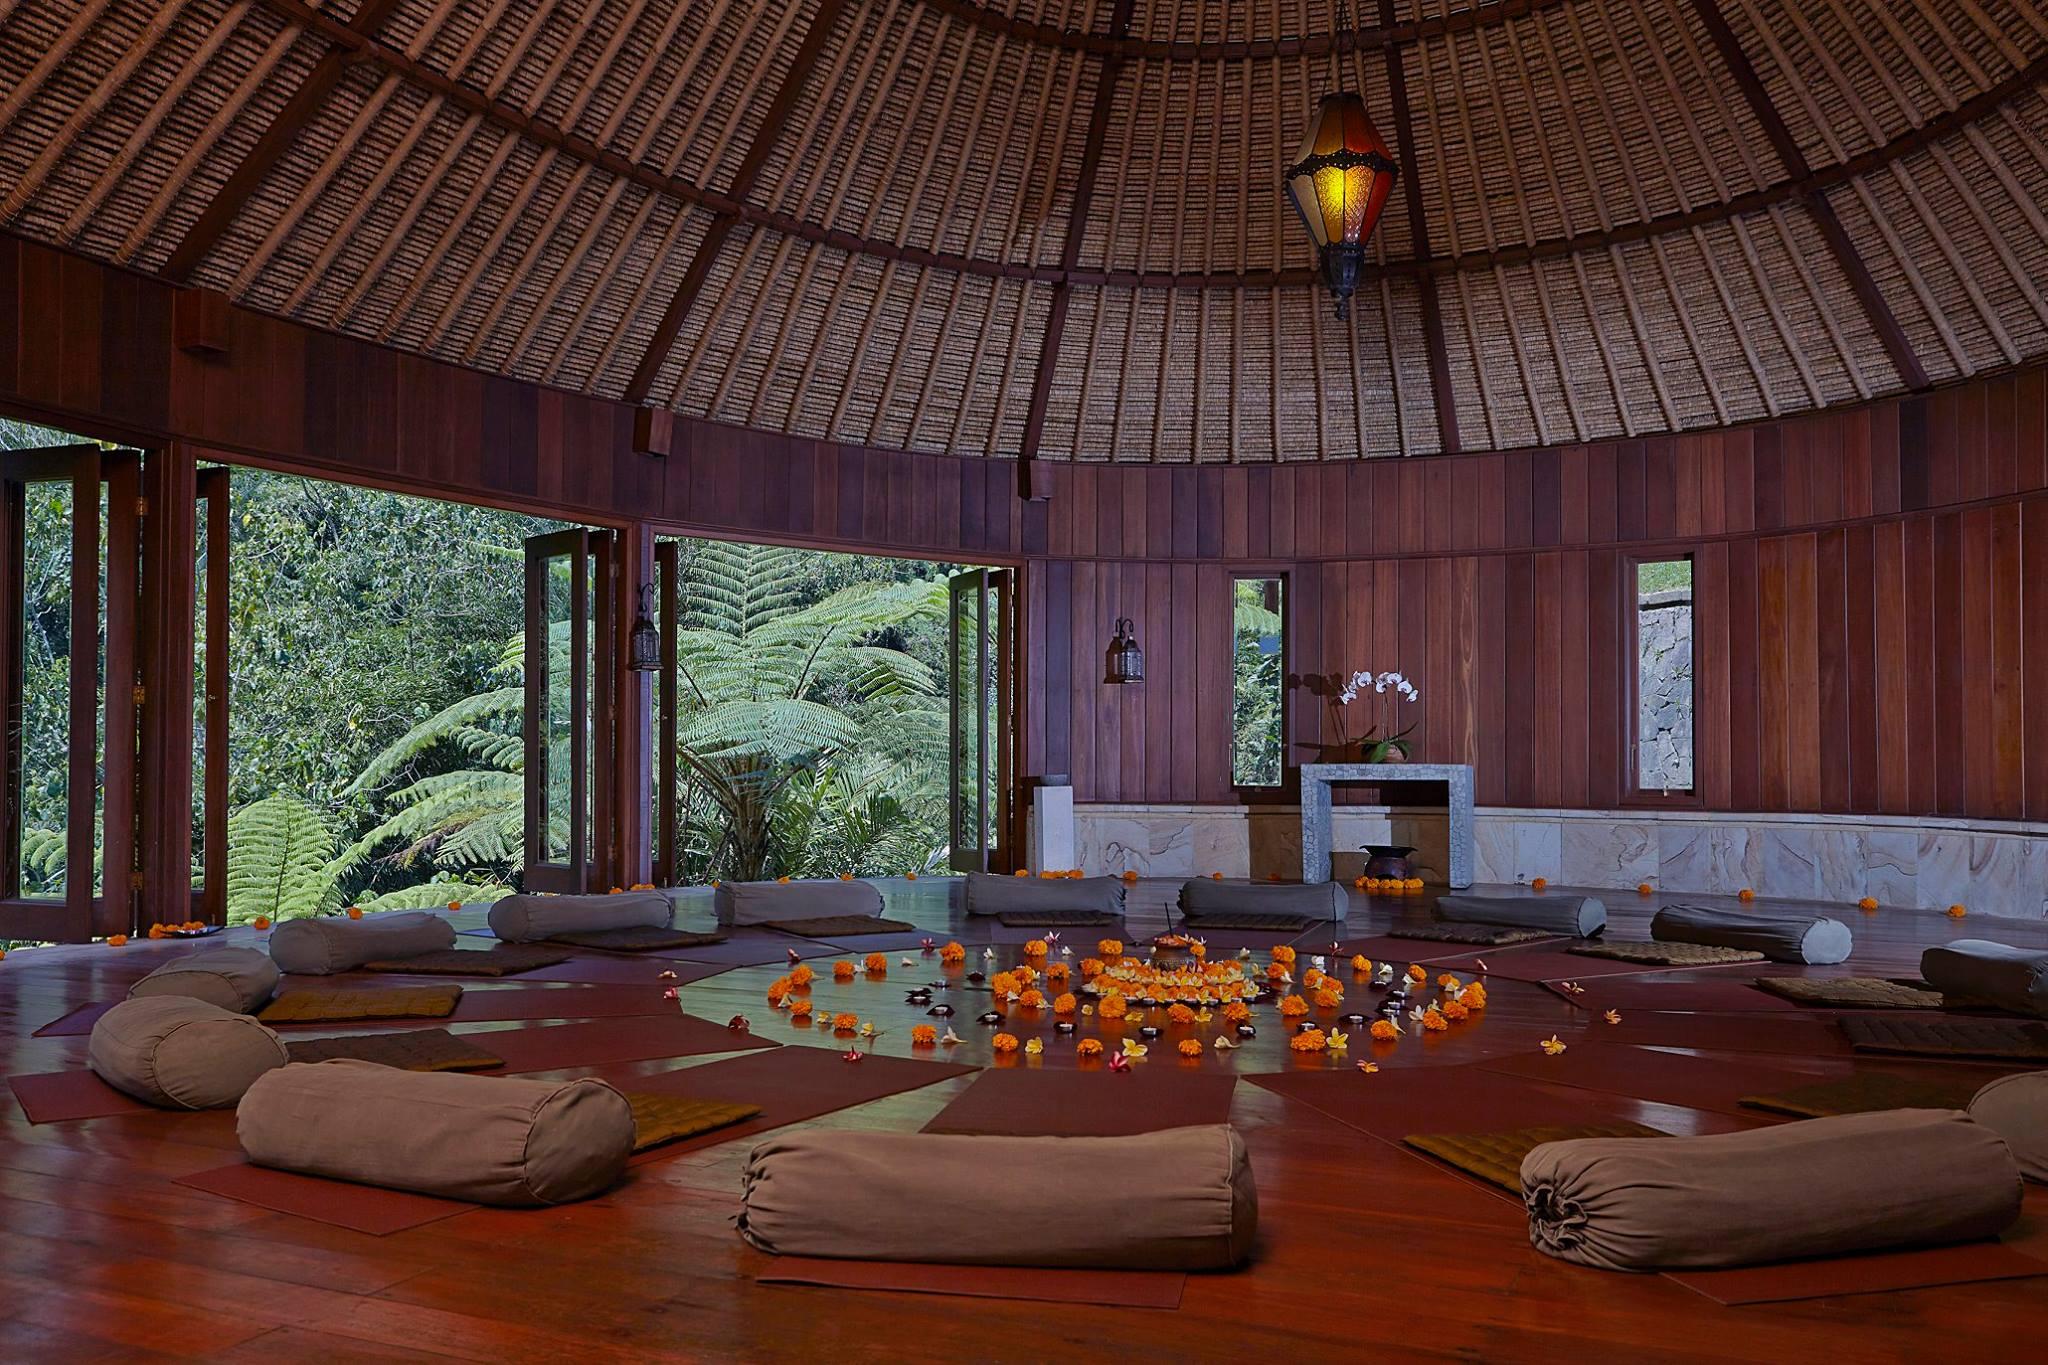 Bali yoga pavillion.jpg